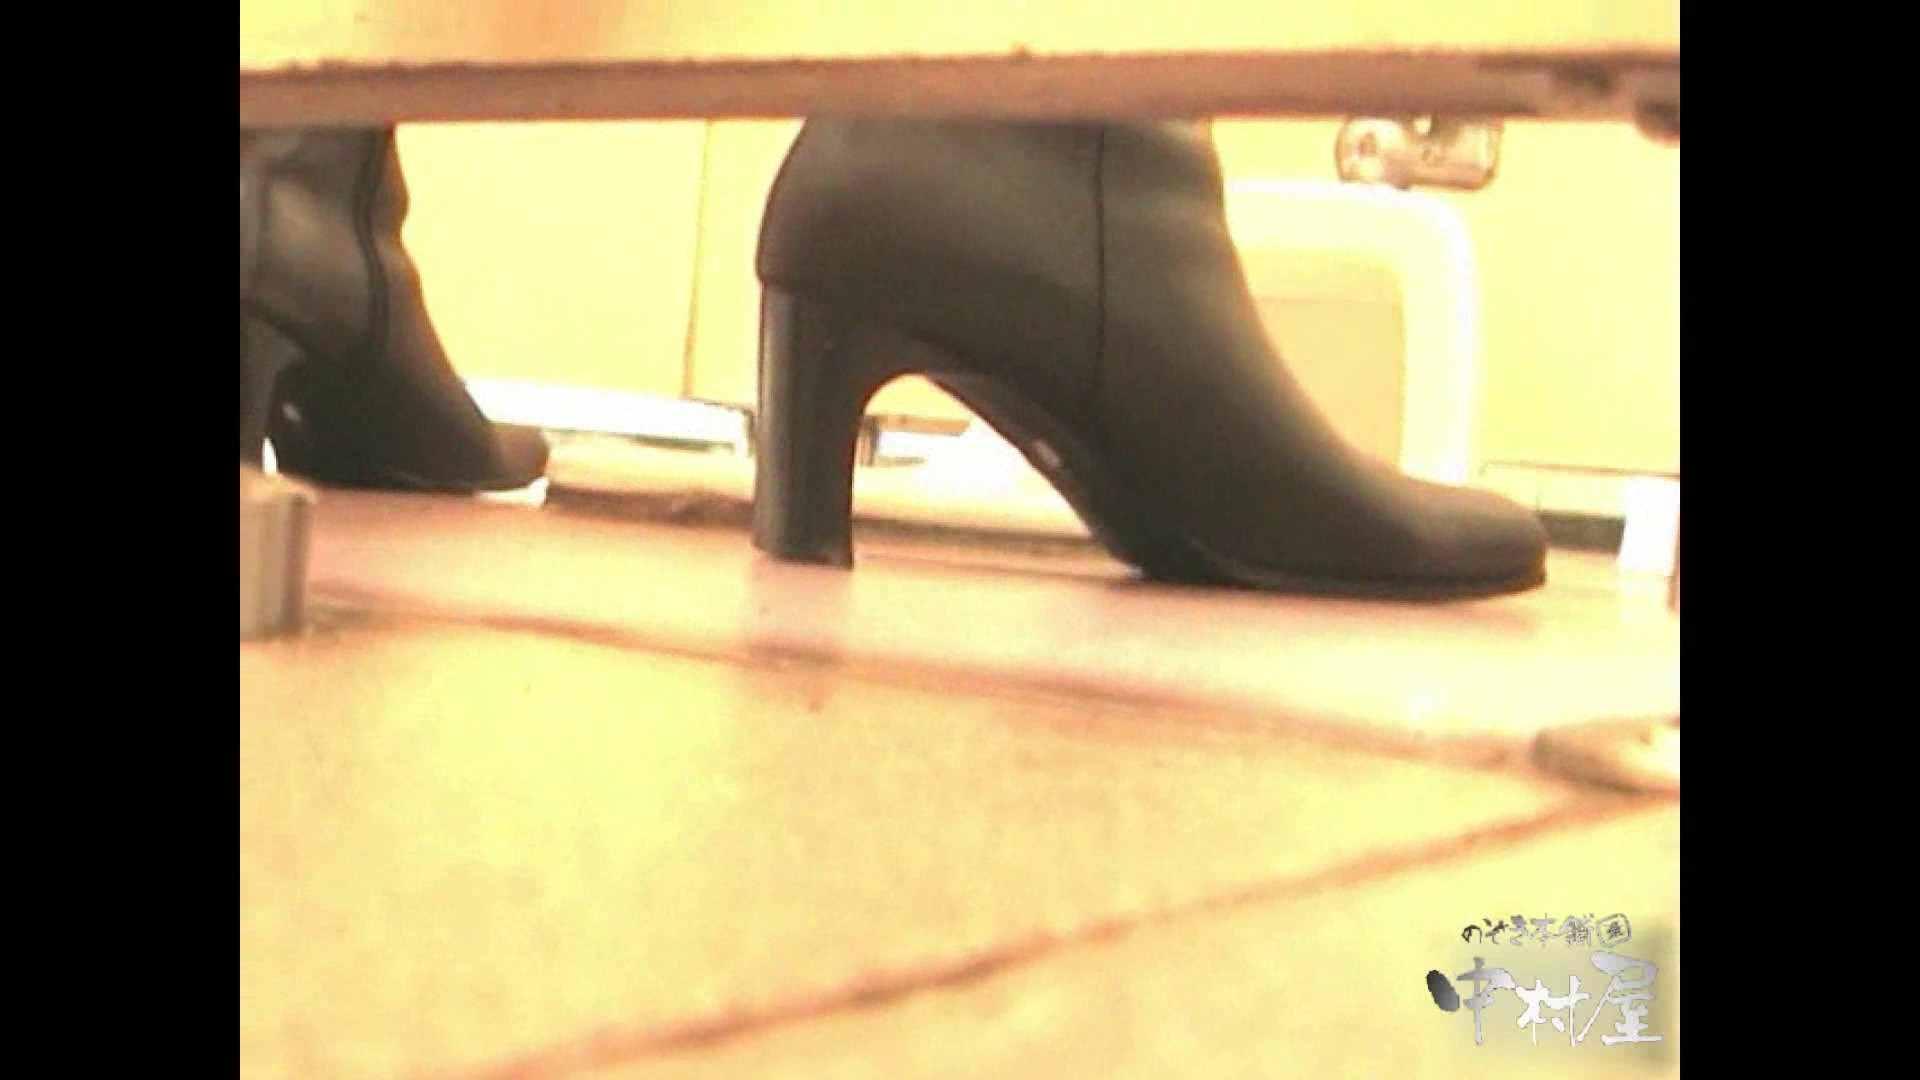 岩手県在住盗撮師盗撮記録vol.02 マンコエロすぎ 濡れ場動画紹介 108PIX 45